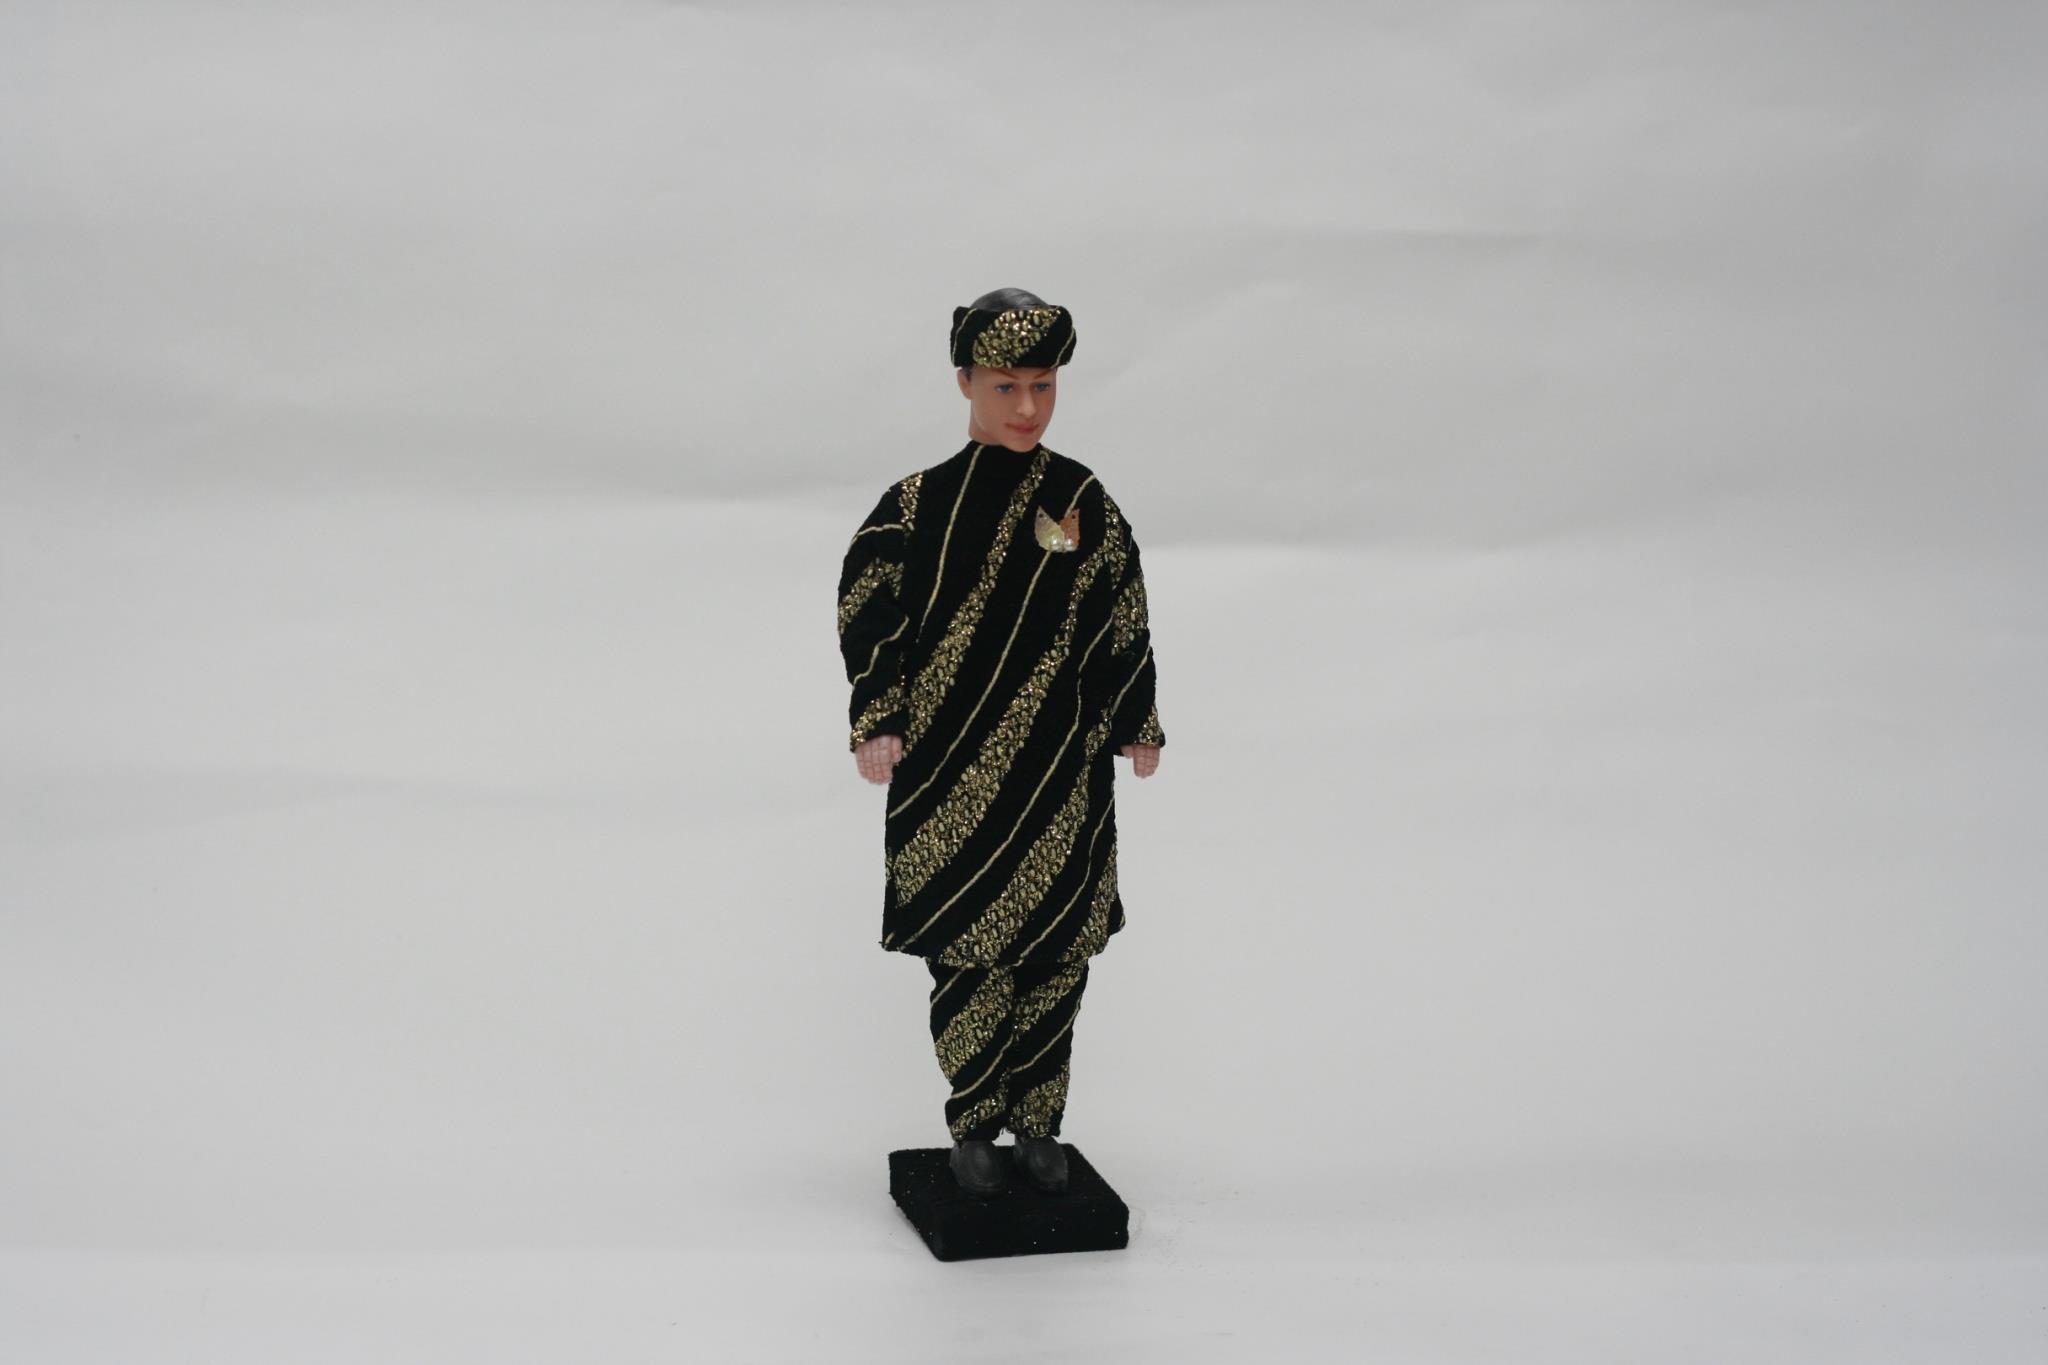 ตุ๊กตามุสลิม ตุ๊กตาตั้งโชว์ สินค้าโอทอป (แบบที่ 5)